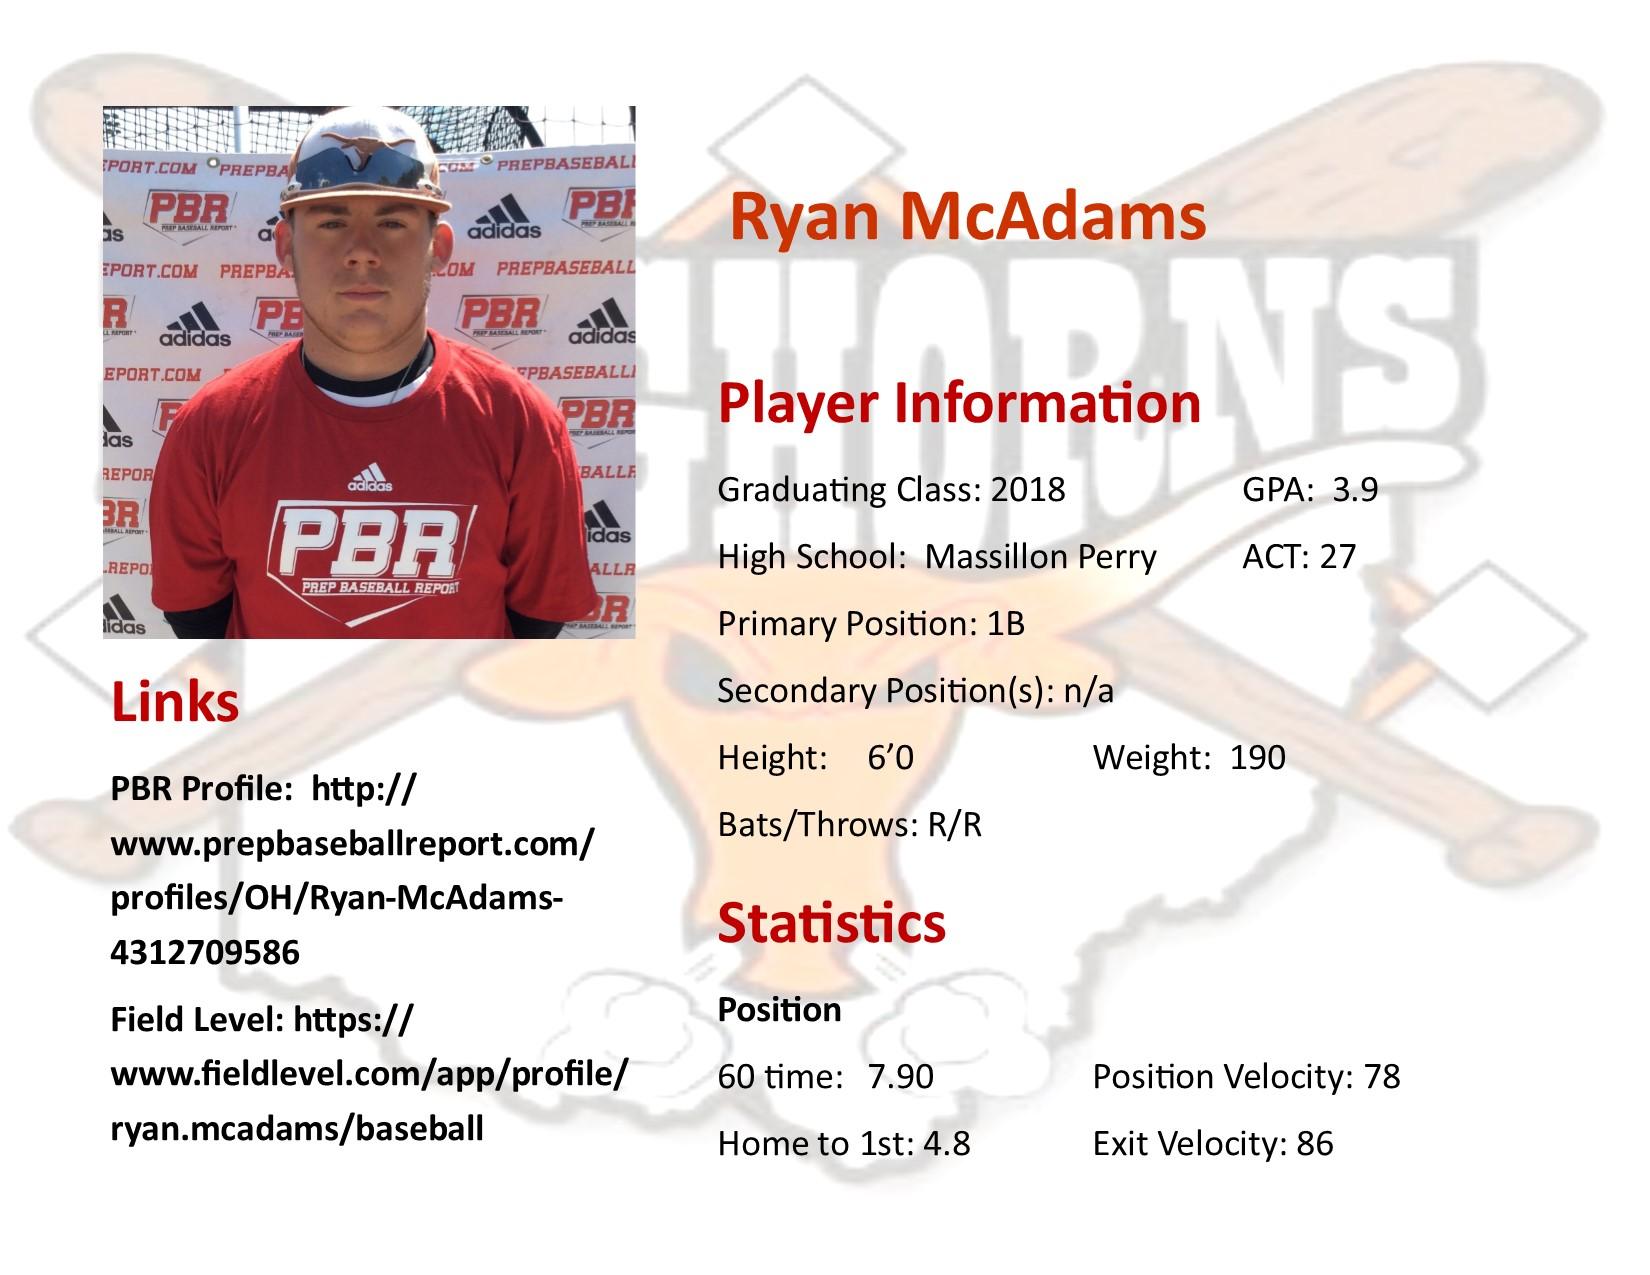 Ryan McAdams